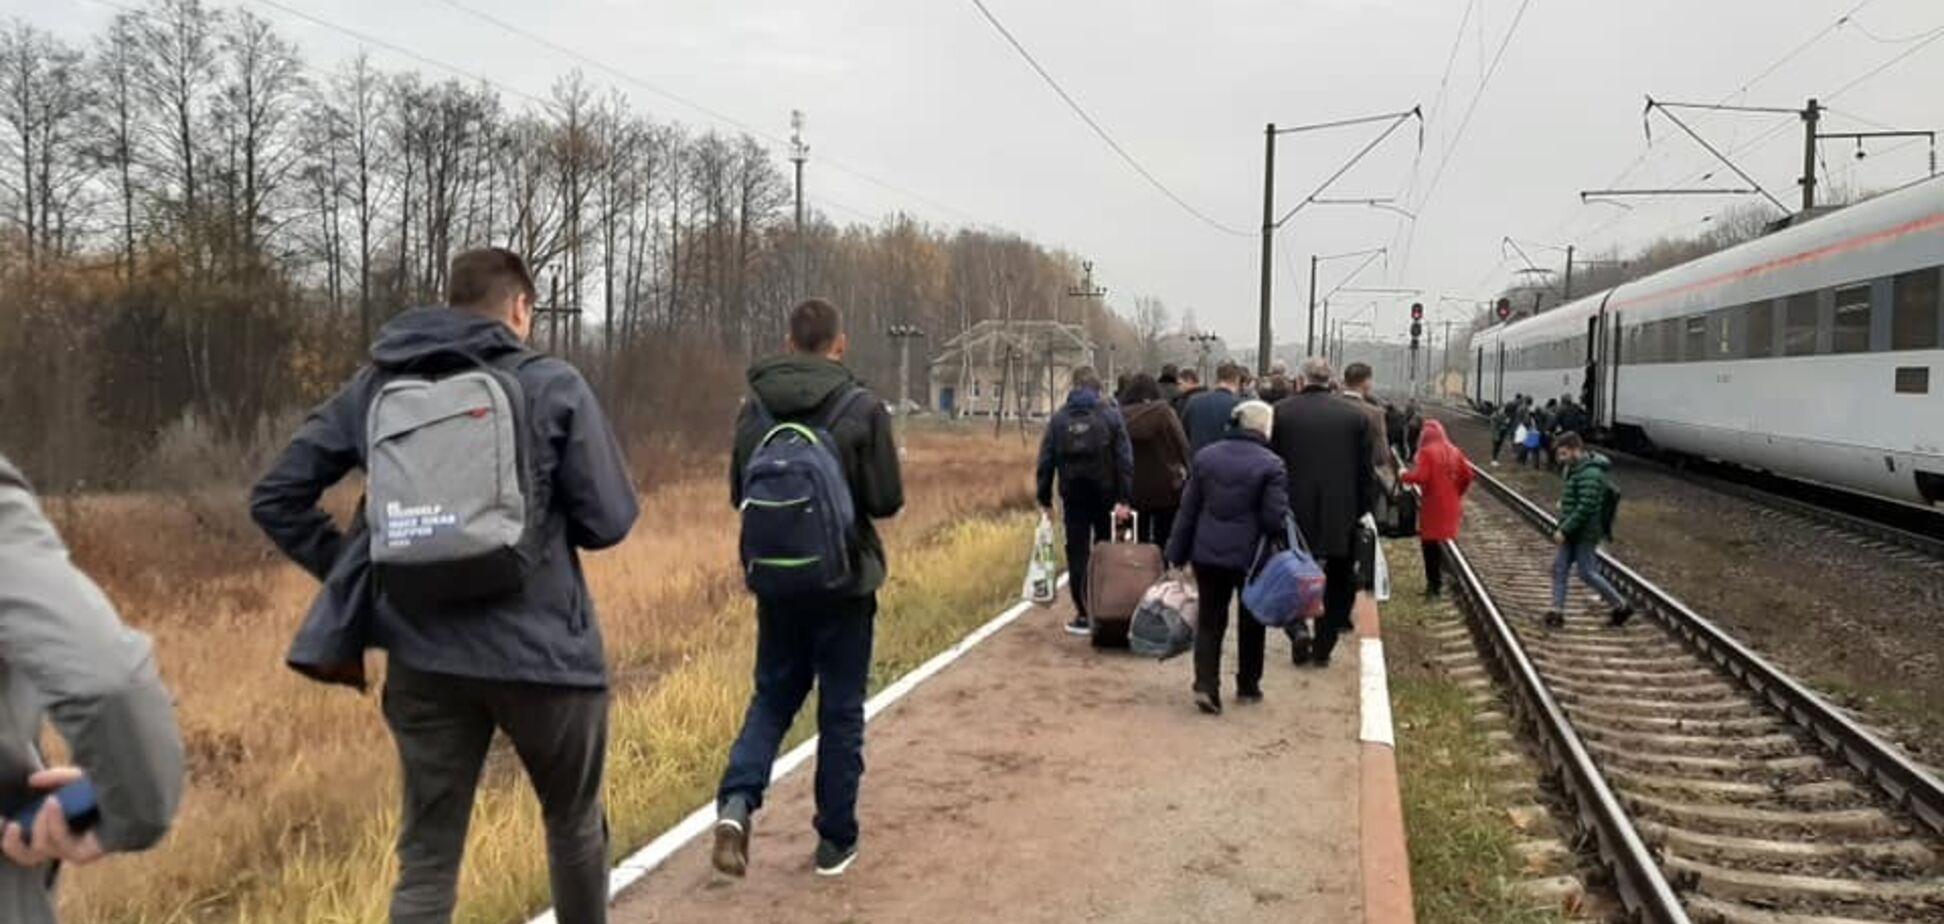 'Ищем взрывчатку!' С поездом Львов – Киев случилось серьезное ЧП